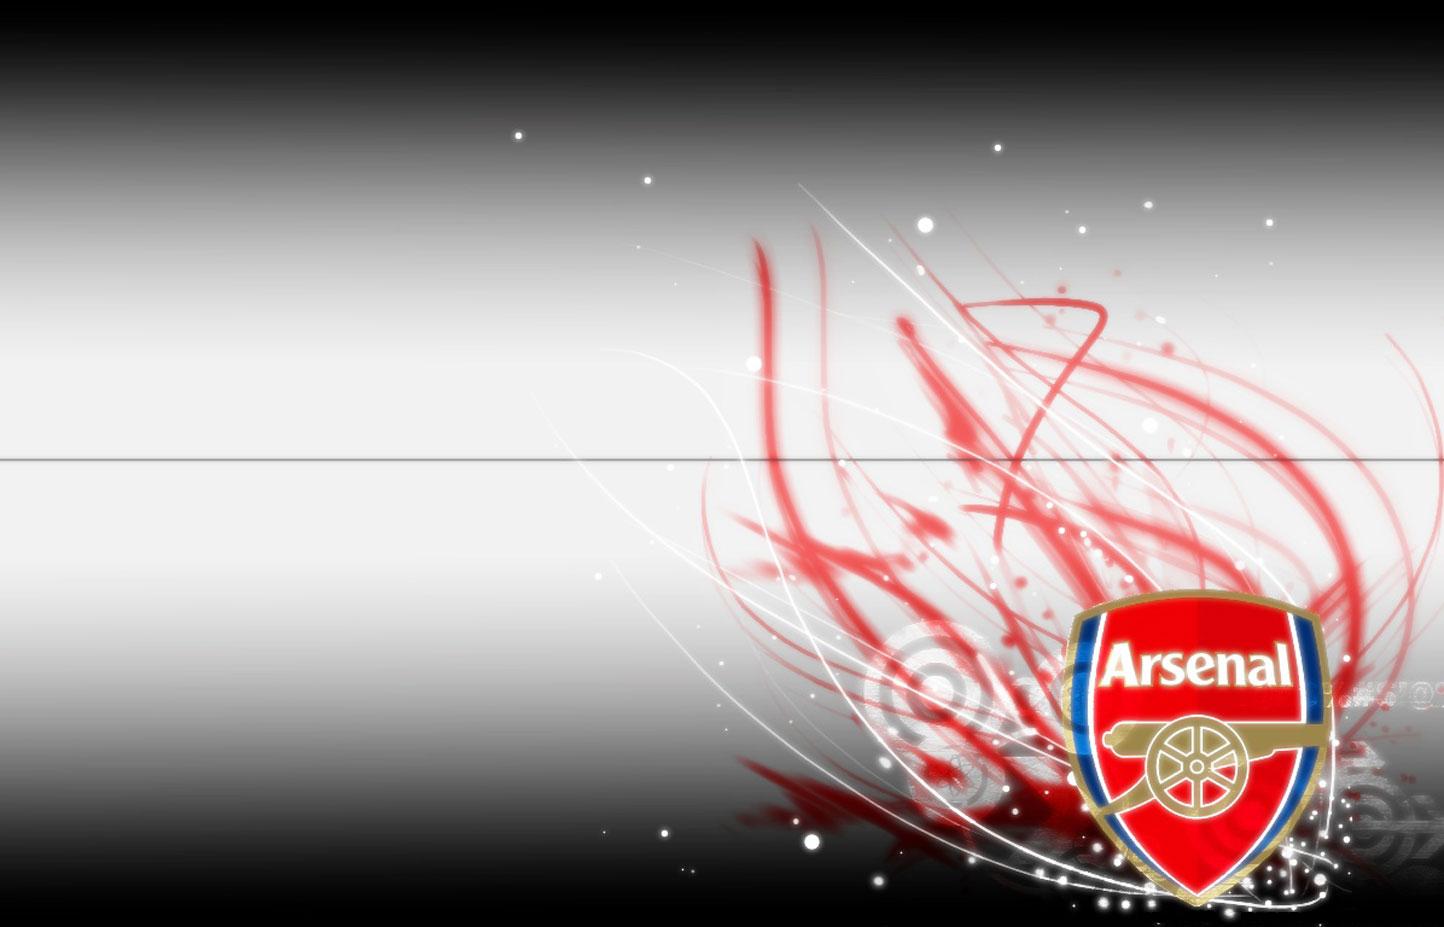 Arsenal FC Logo 2013 HD Wallpaper for Desktop 1444x927